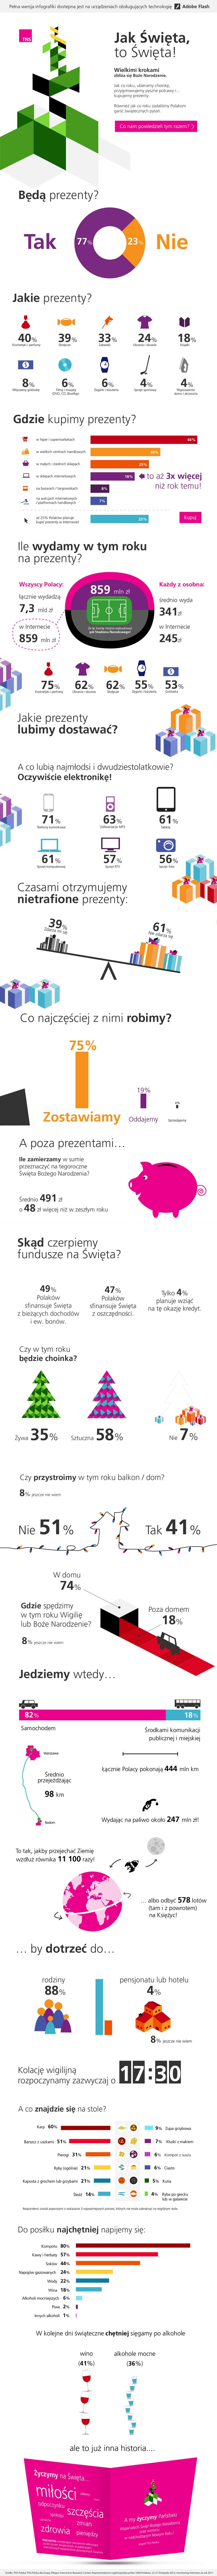 Gwiazdka 2012 - życzenia TNS Polska